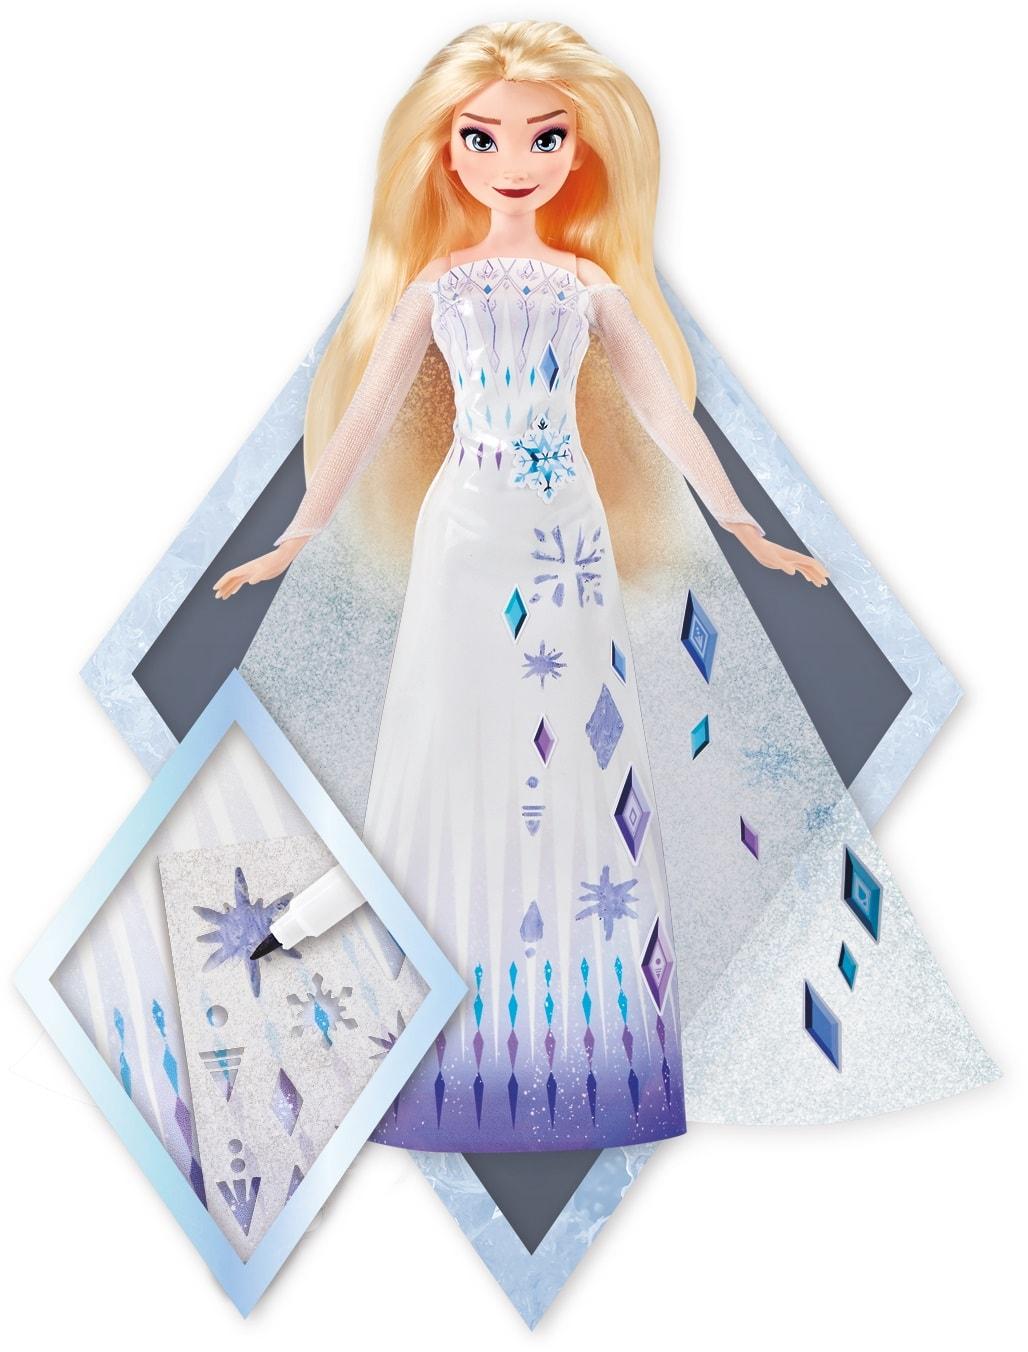 E7895 FRZ Transformation Dolls Assortment OOP Elsa 3